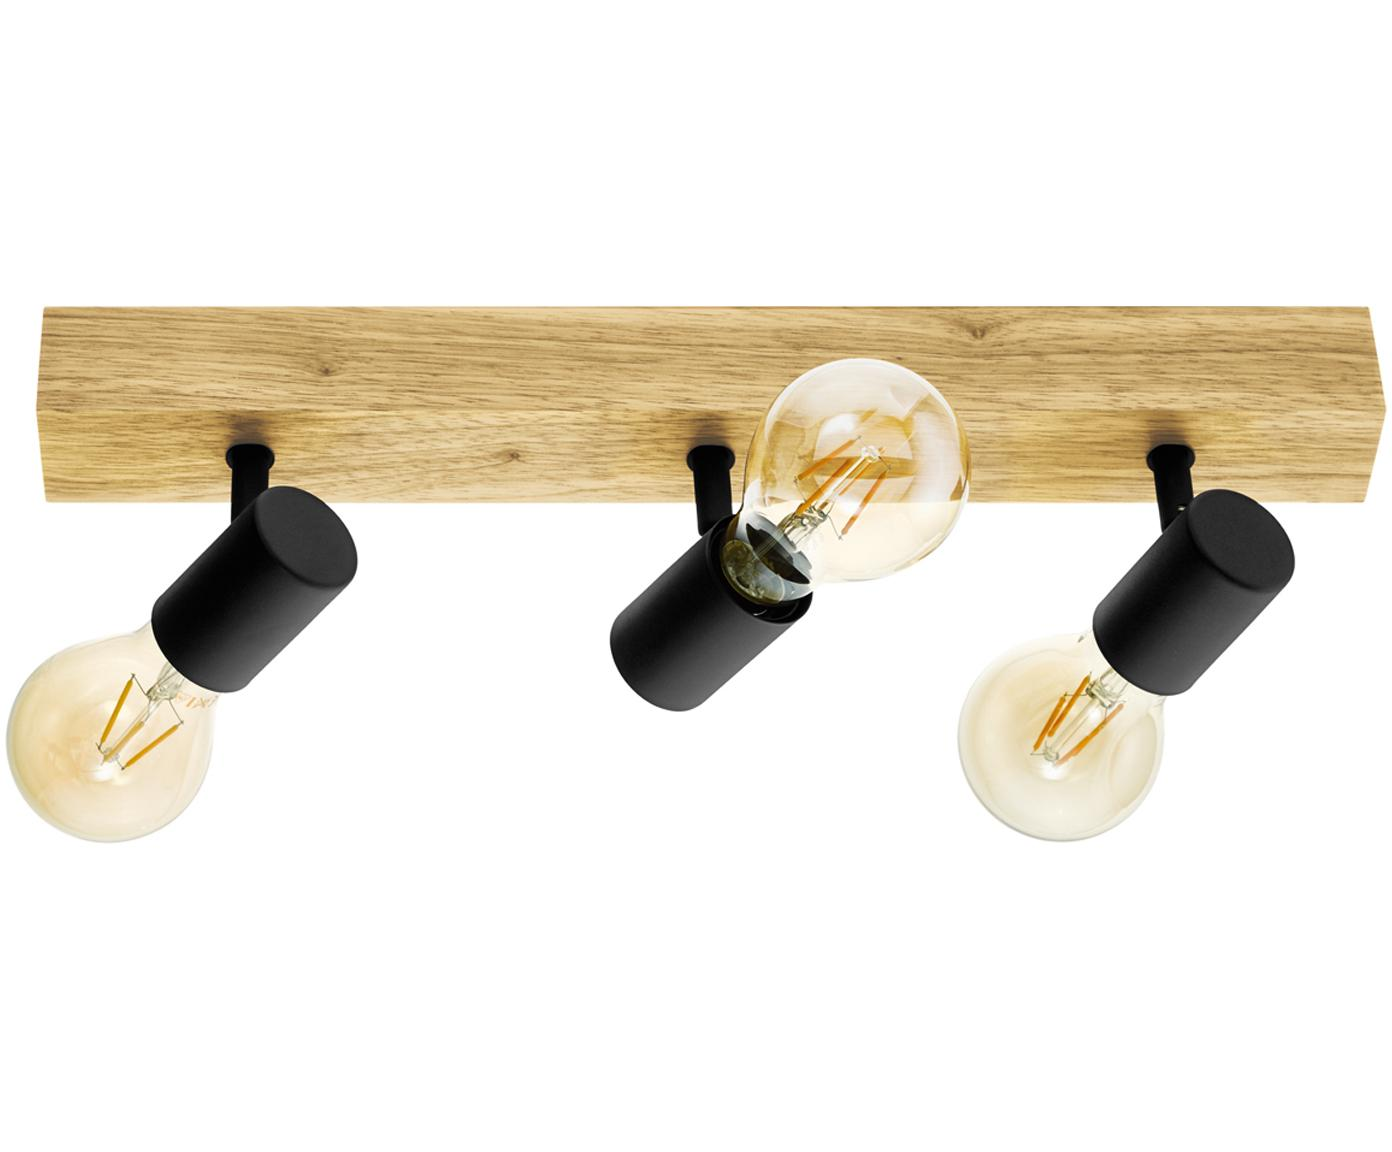 Lampa sufitowa Townshend, Czarny, drewno naturalne, S 48 x W 13 cm